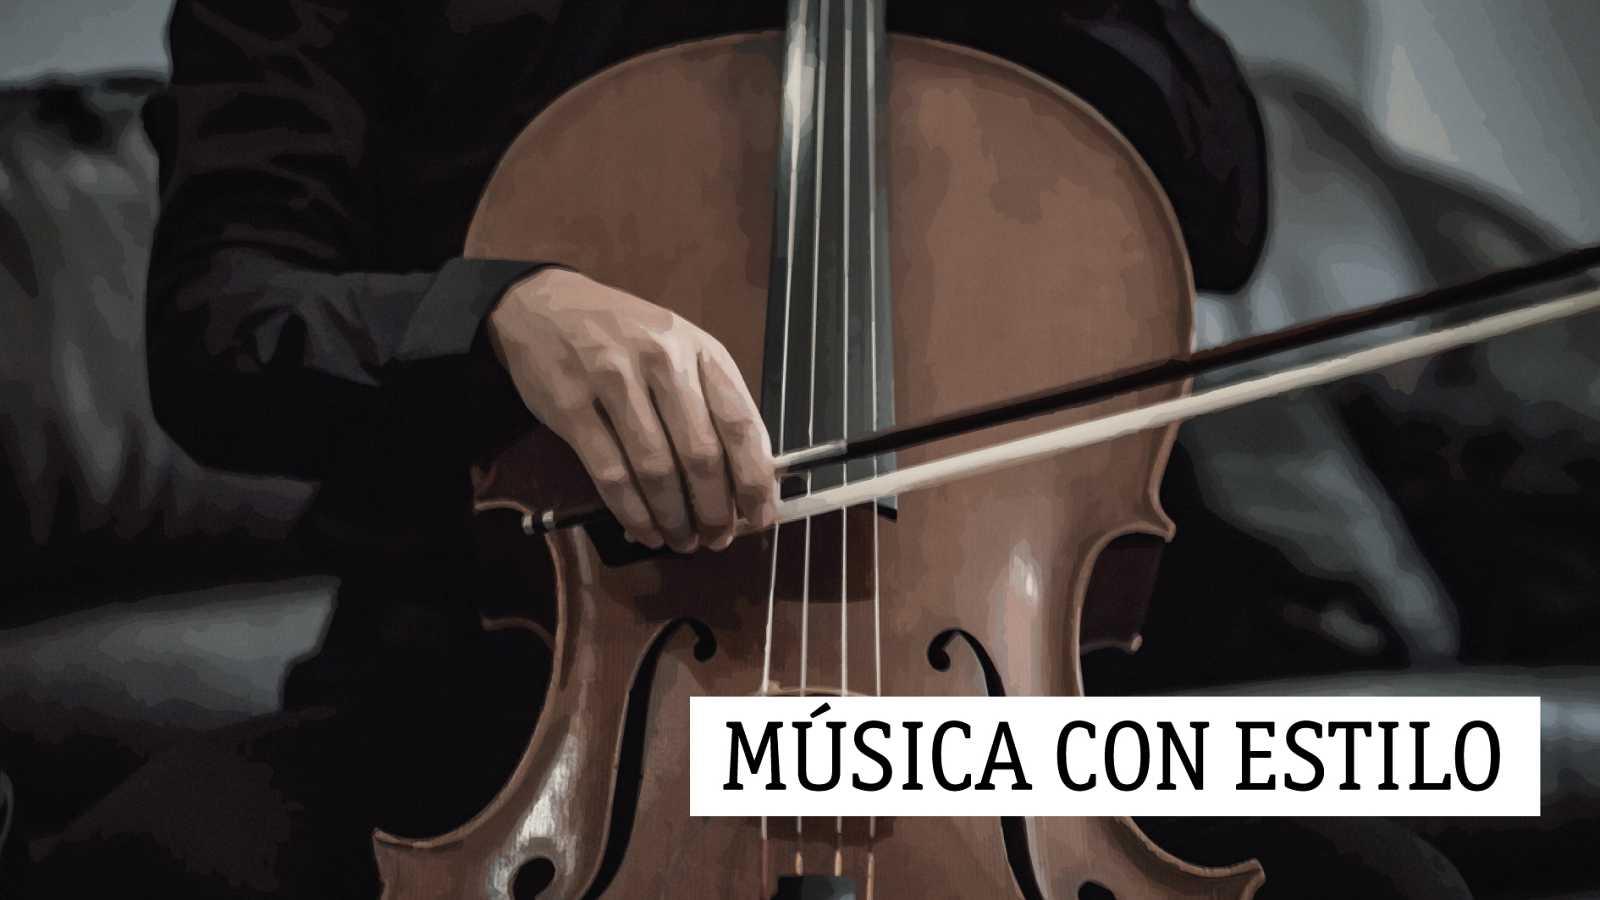 Música con estilo - 1791: el último año de la vida de Mozart - 18/08/19 - escuchar ahora